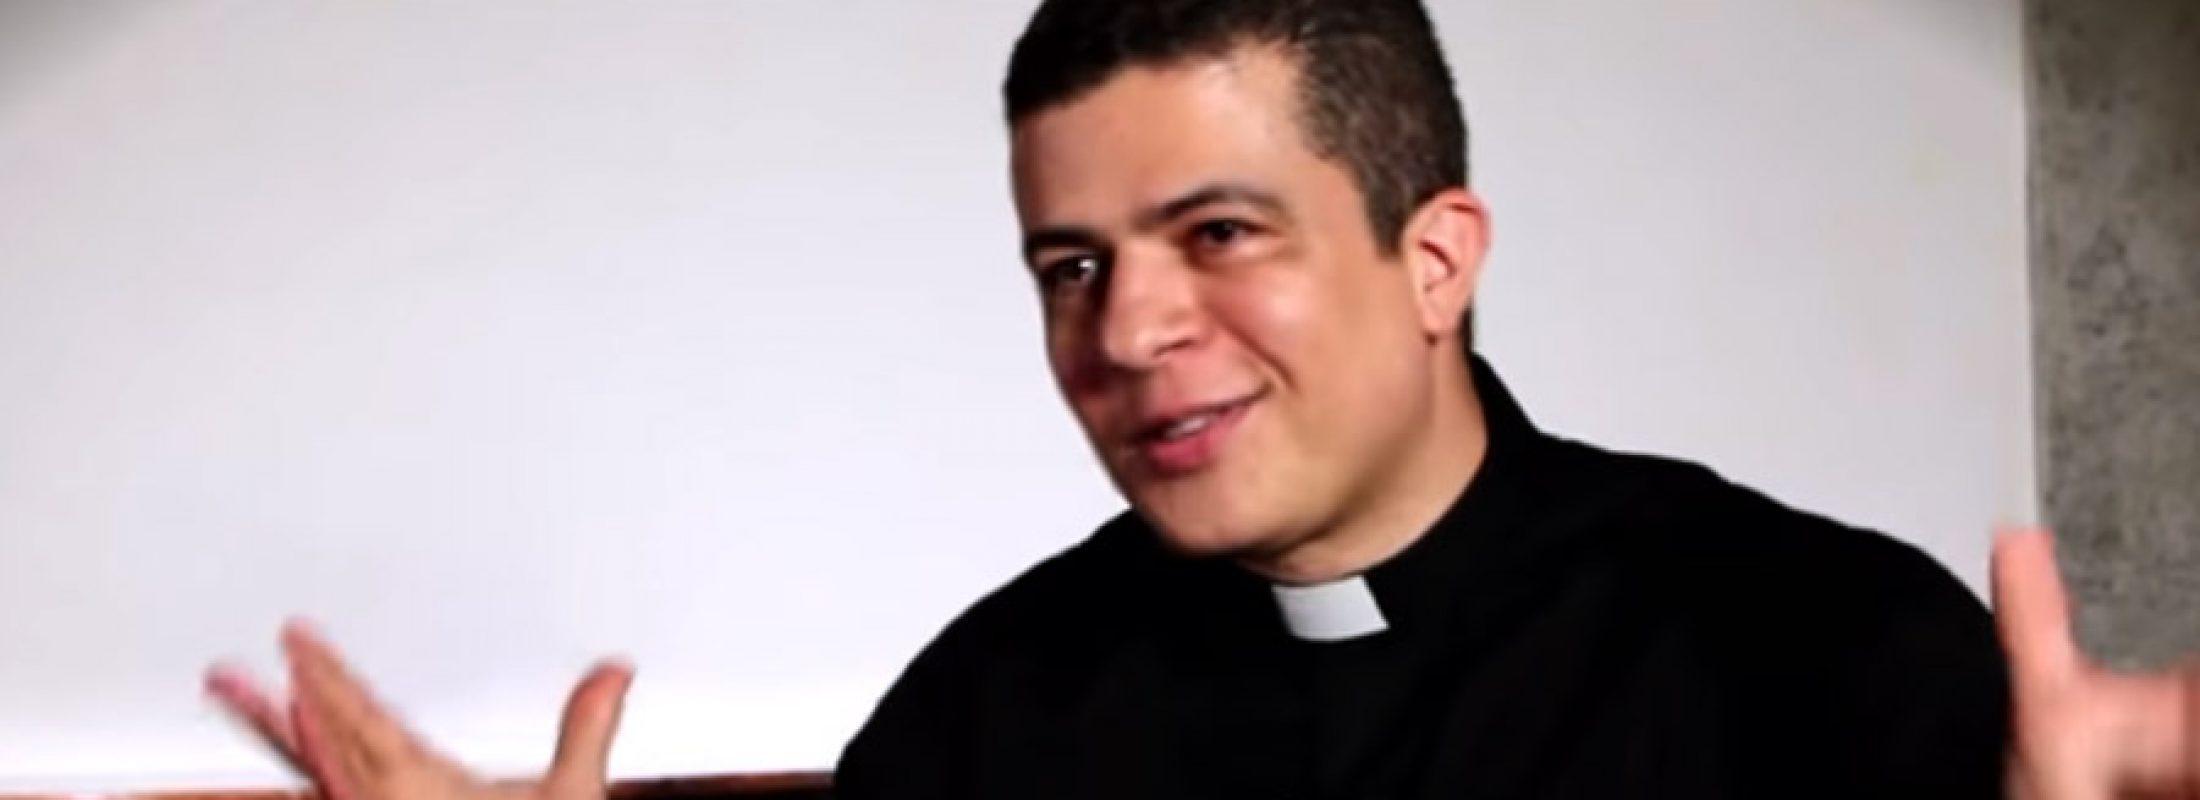 """[VIDEO] Diácono Pablo Henrique de Faria: """"Las personas que rezan el Rosario todos los días tienen una visión equilibrada de la Fe"""""""